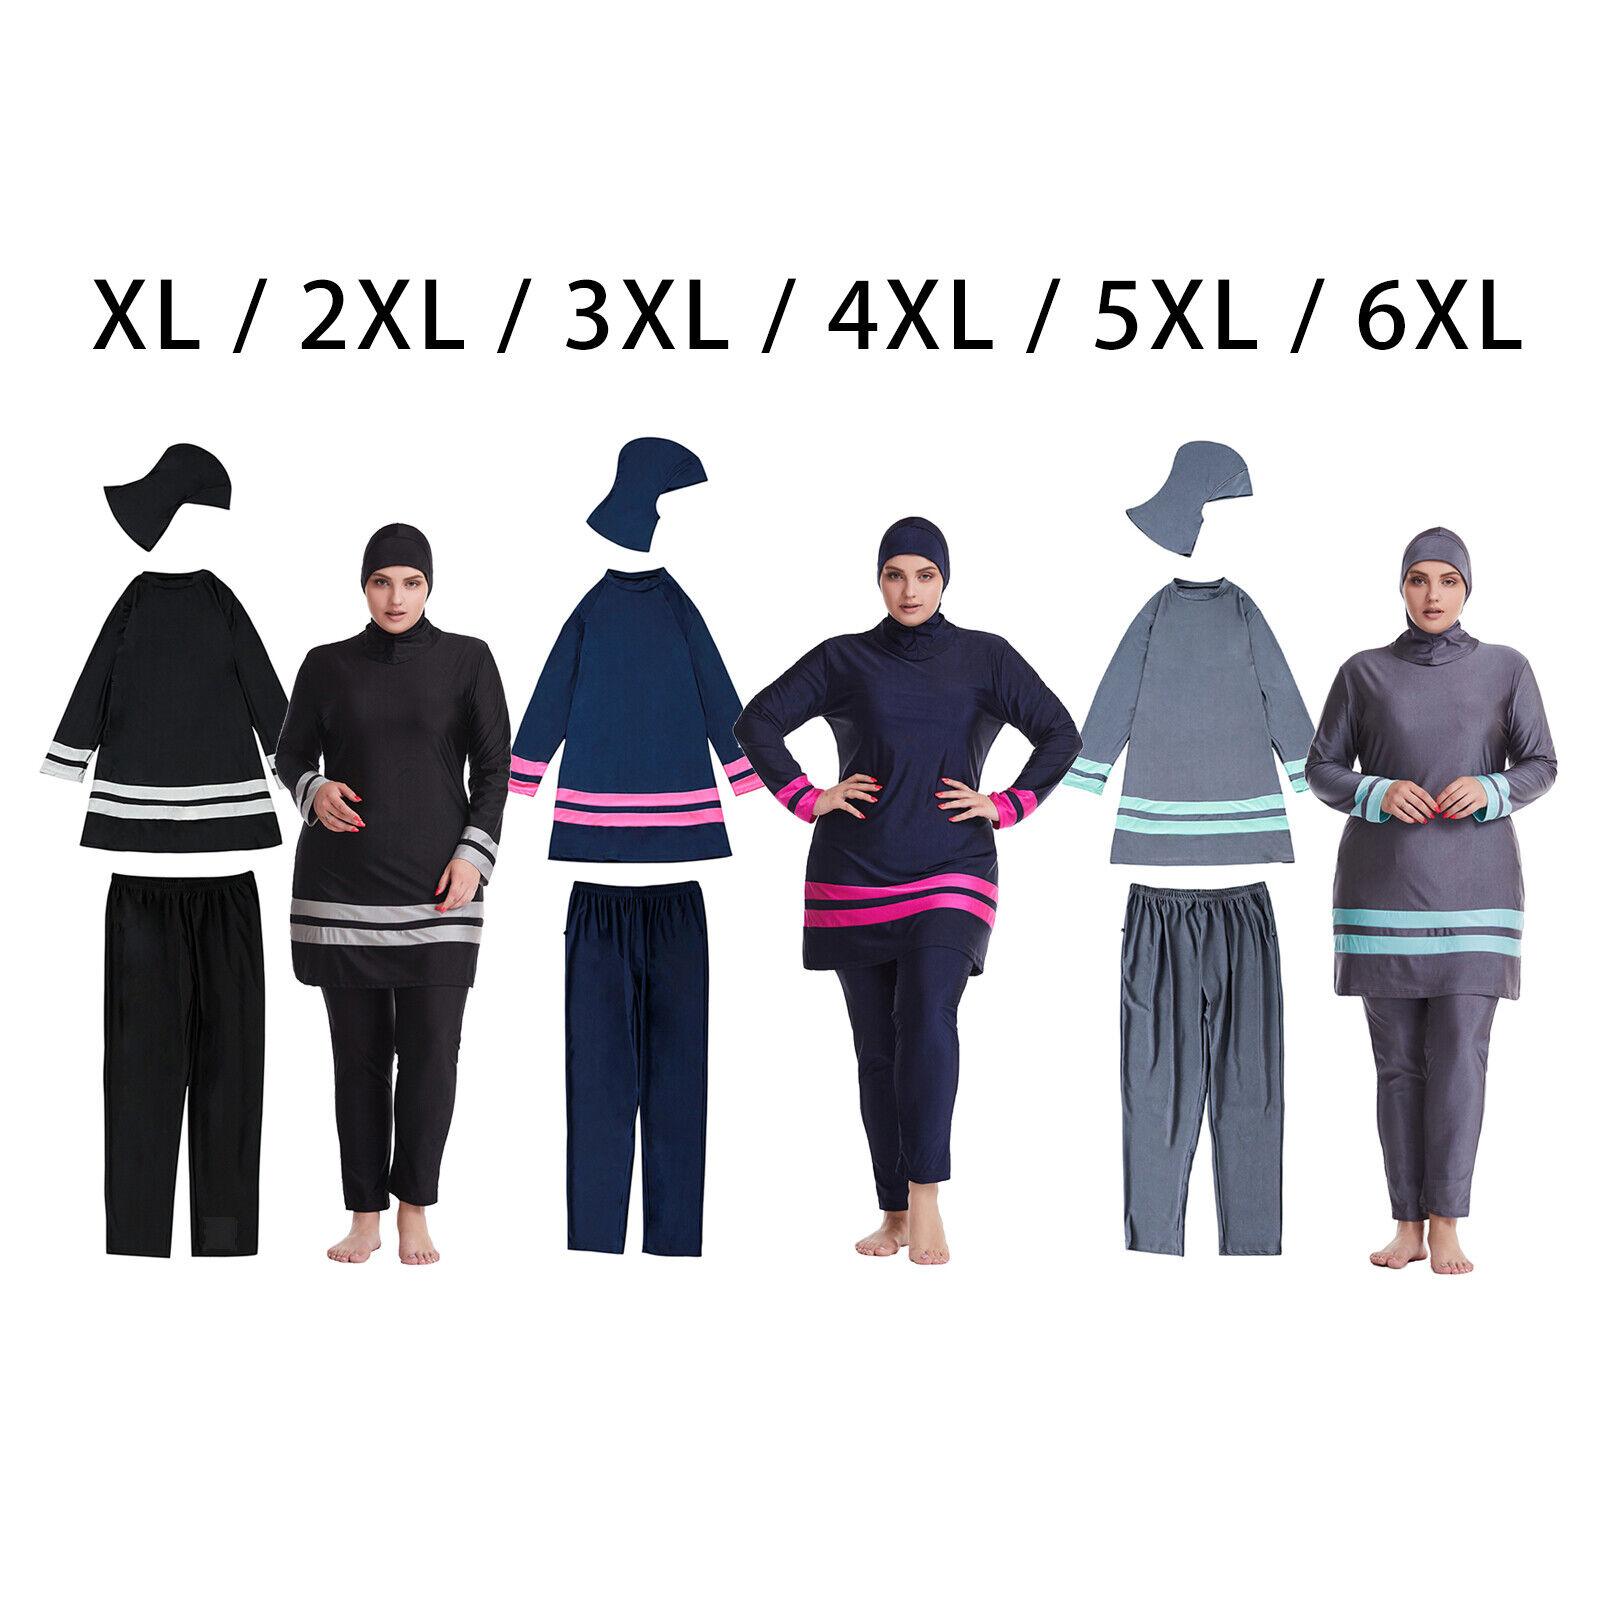 Modest Badeanzug Sommer Muslimische Bademode Bademode Beachwear Plus Size